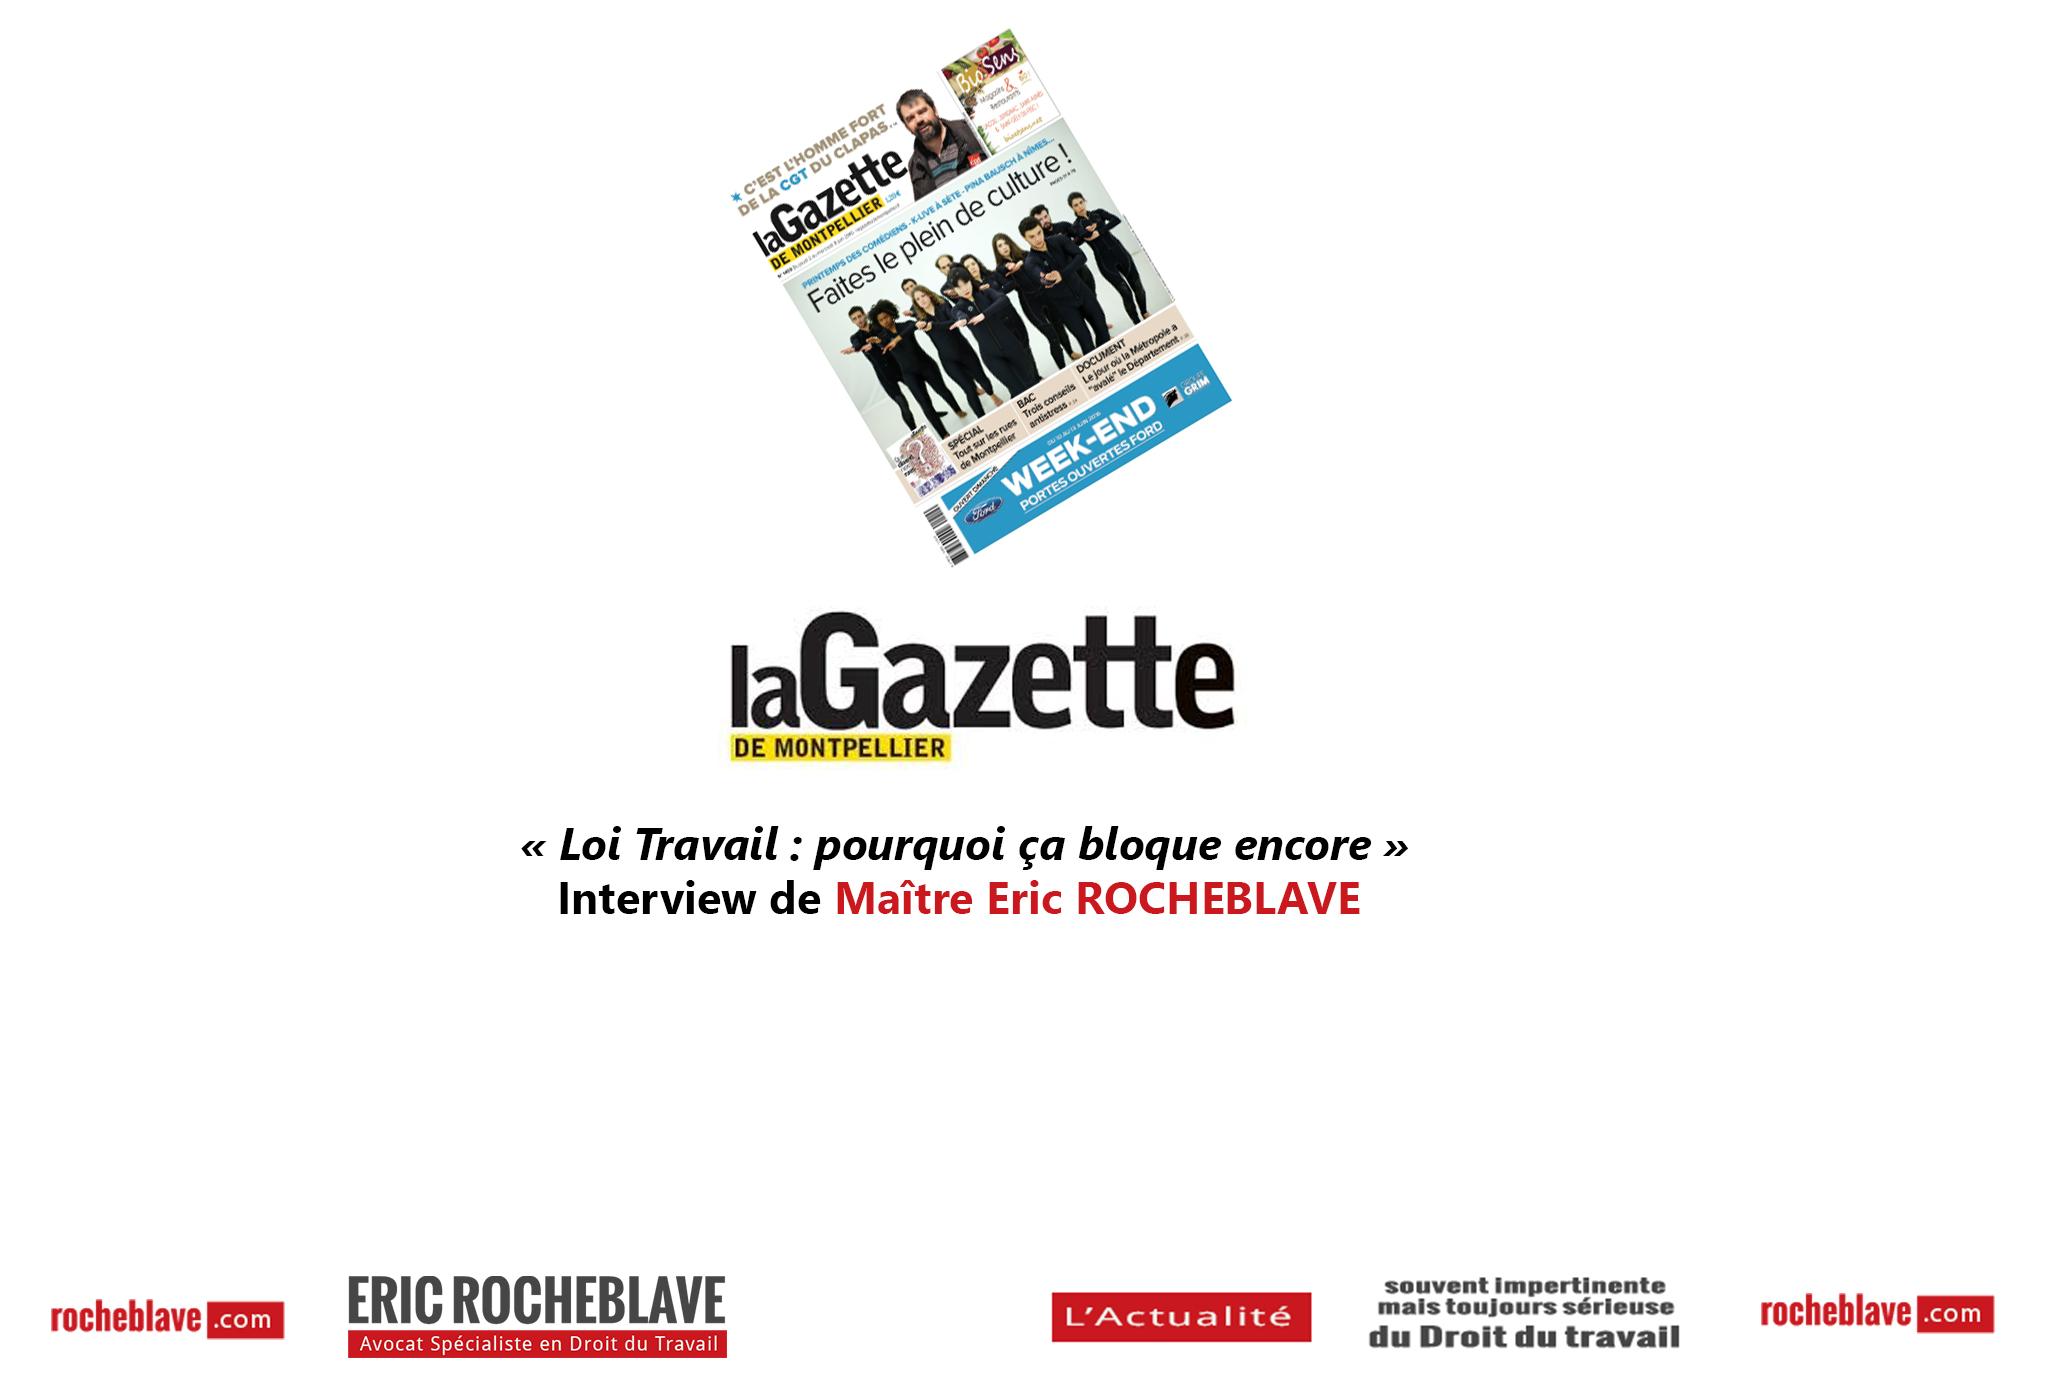 « Loi Travail : pourquoi ça bloque encore » Interview de Maître Eric ROCHEBLAVE | la Gazette DE MONTPELLIER